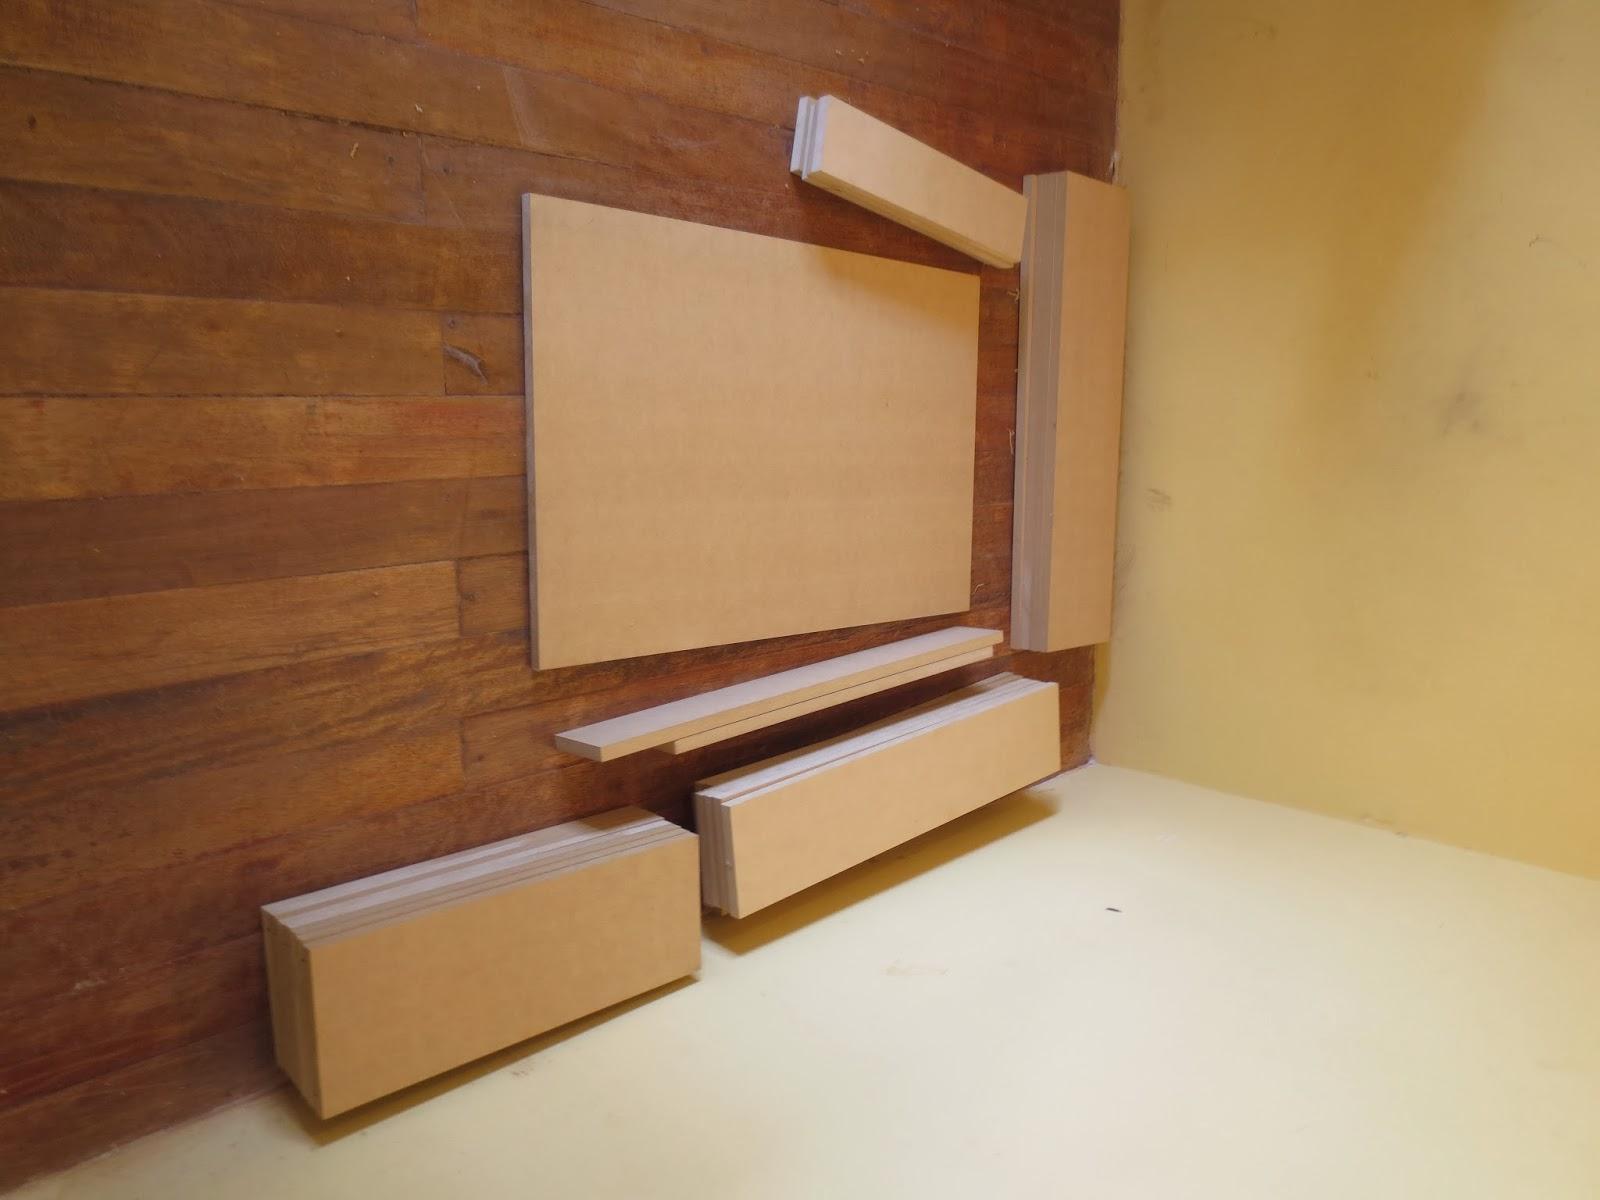 Imagenes de muebles de madera faciles de hacer for Manualidades de muebles